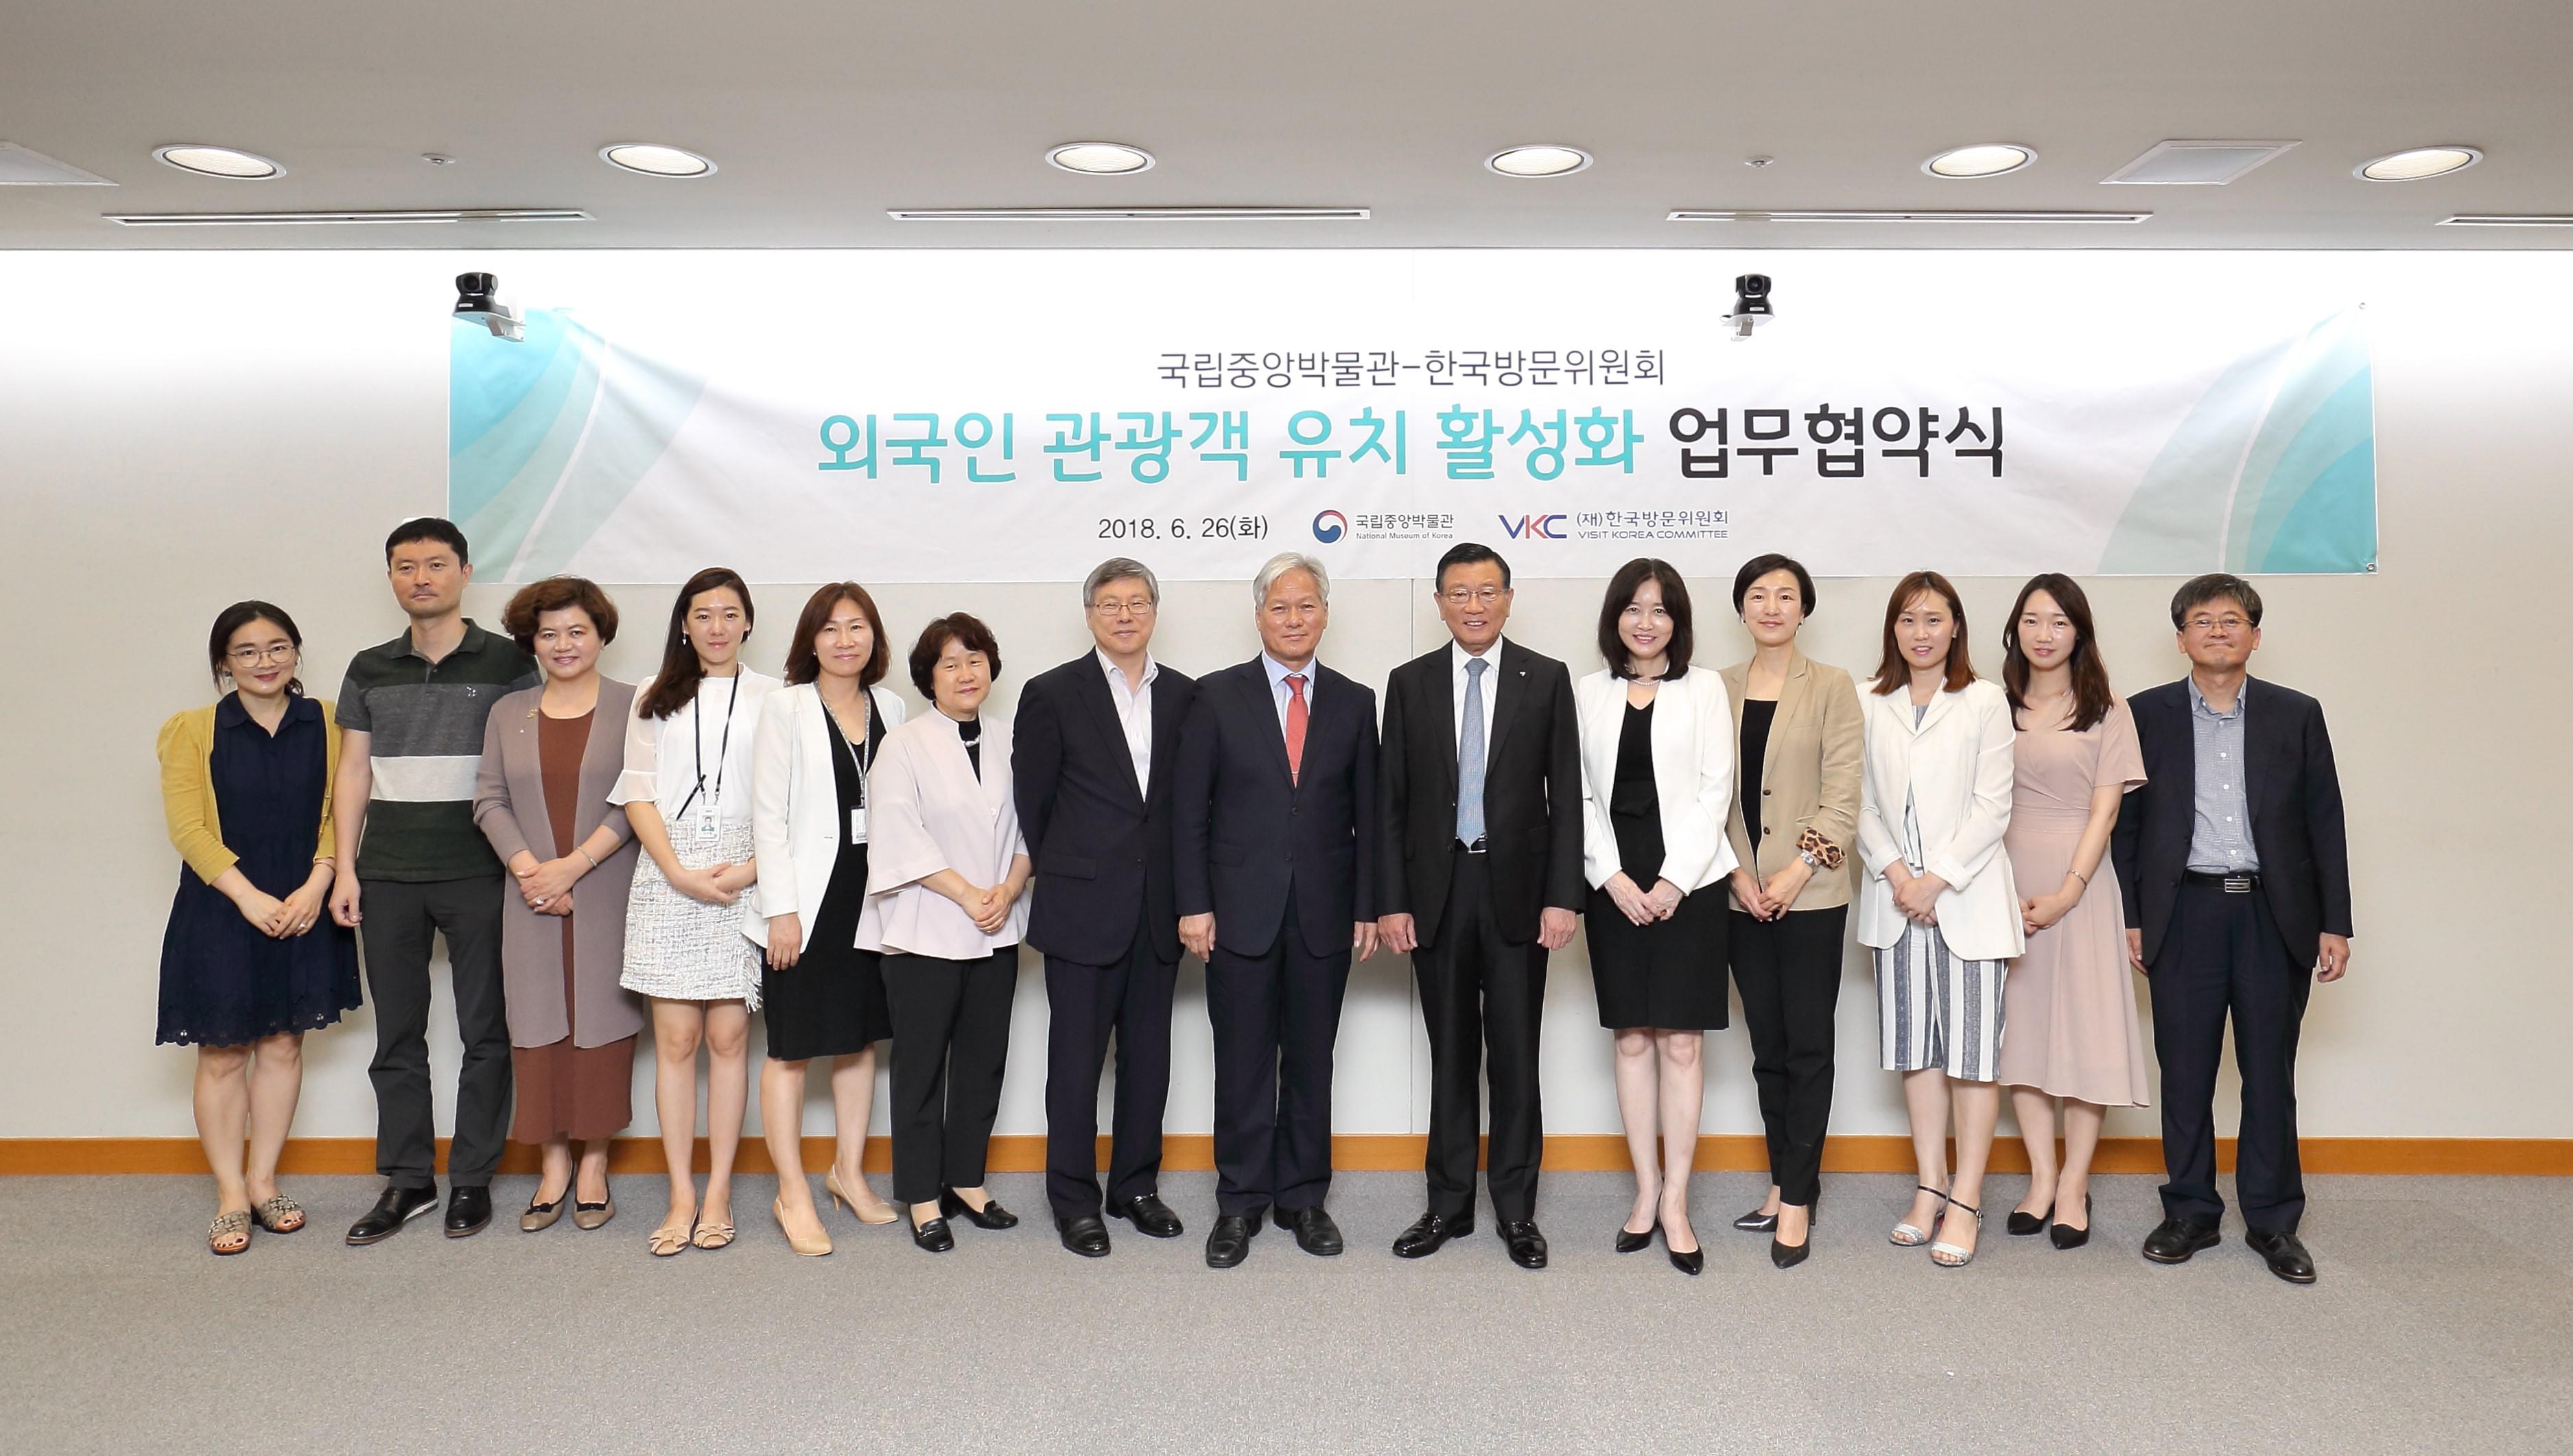 韓国訪問委員会、国立中央博物館と外国観光客の誘致活性化のためのMOU締結